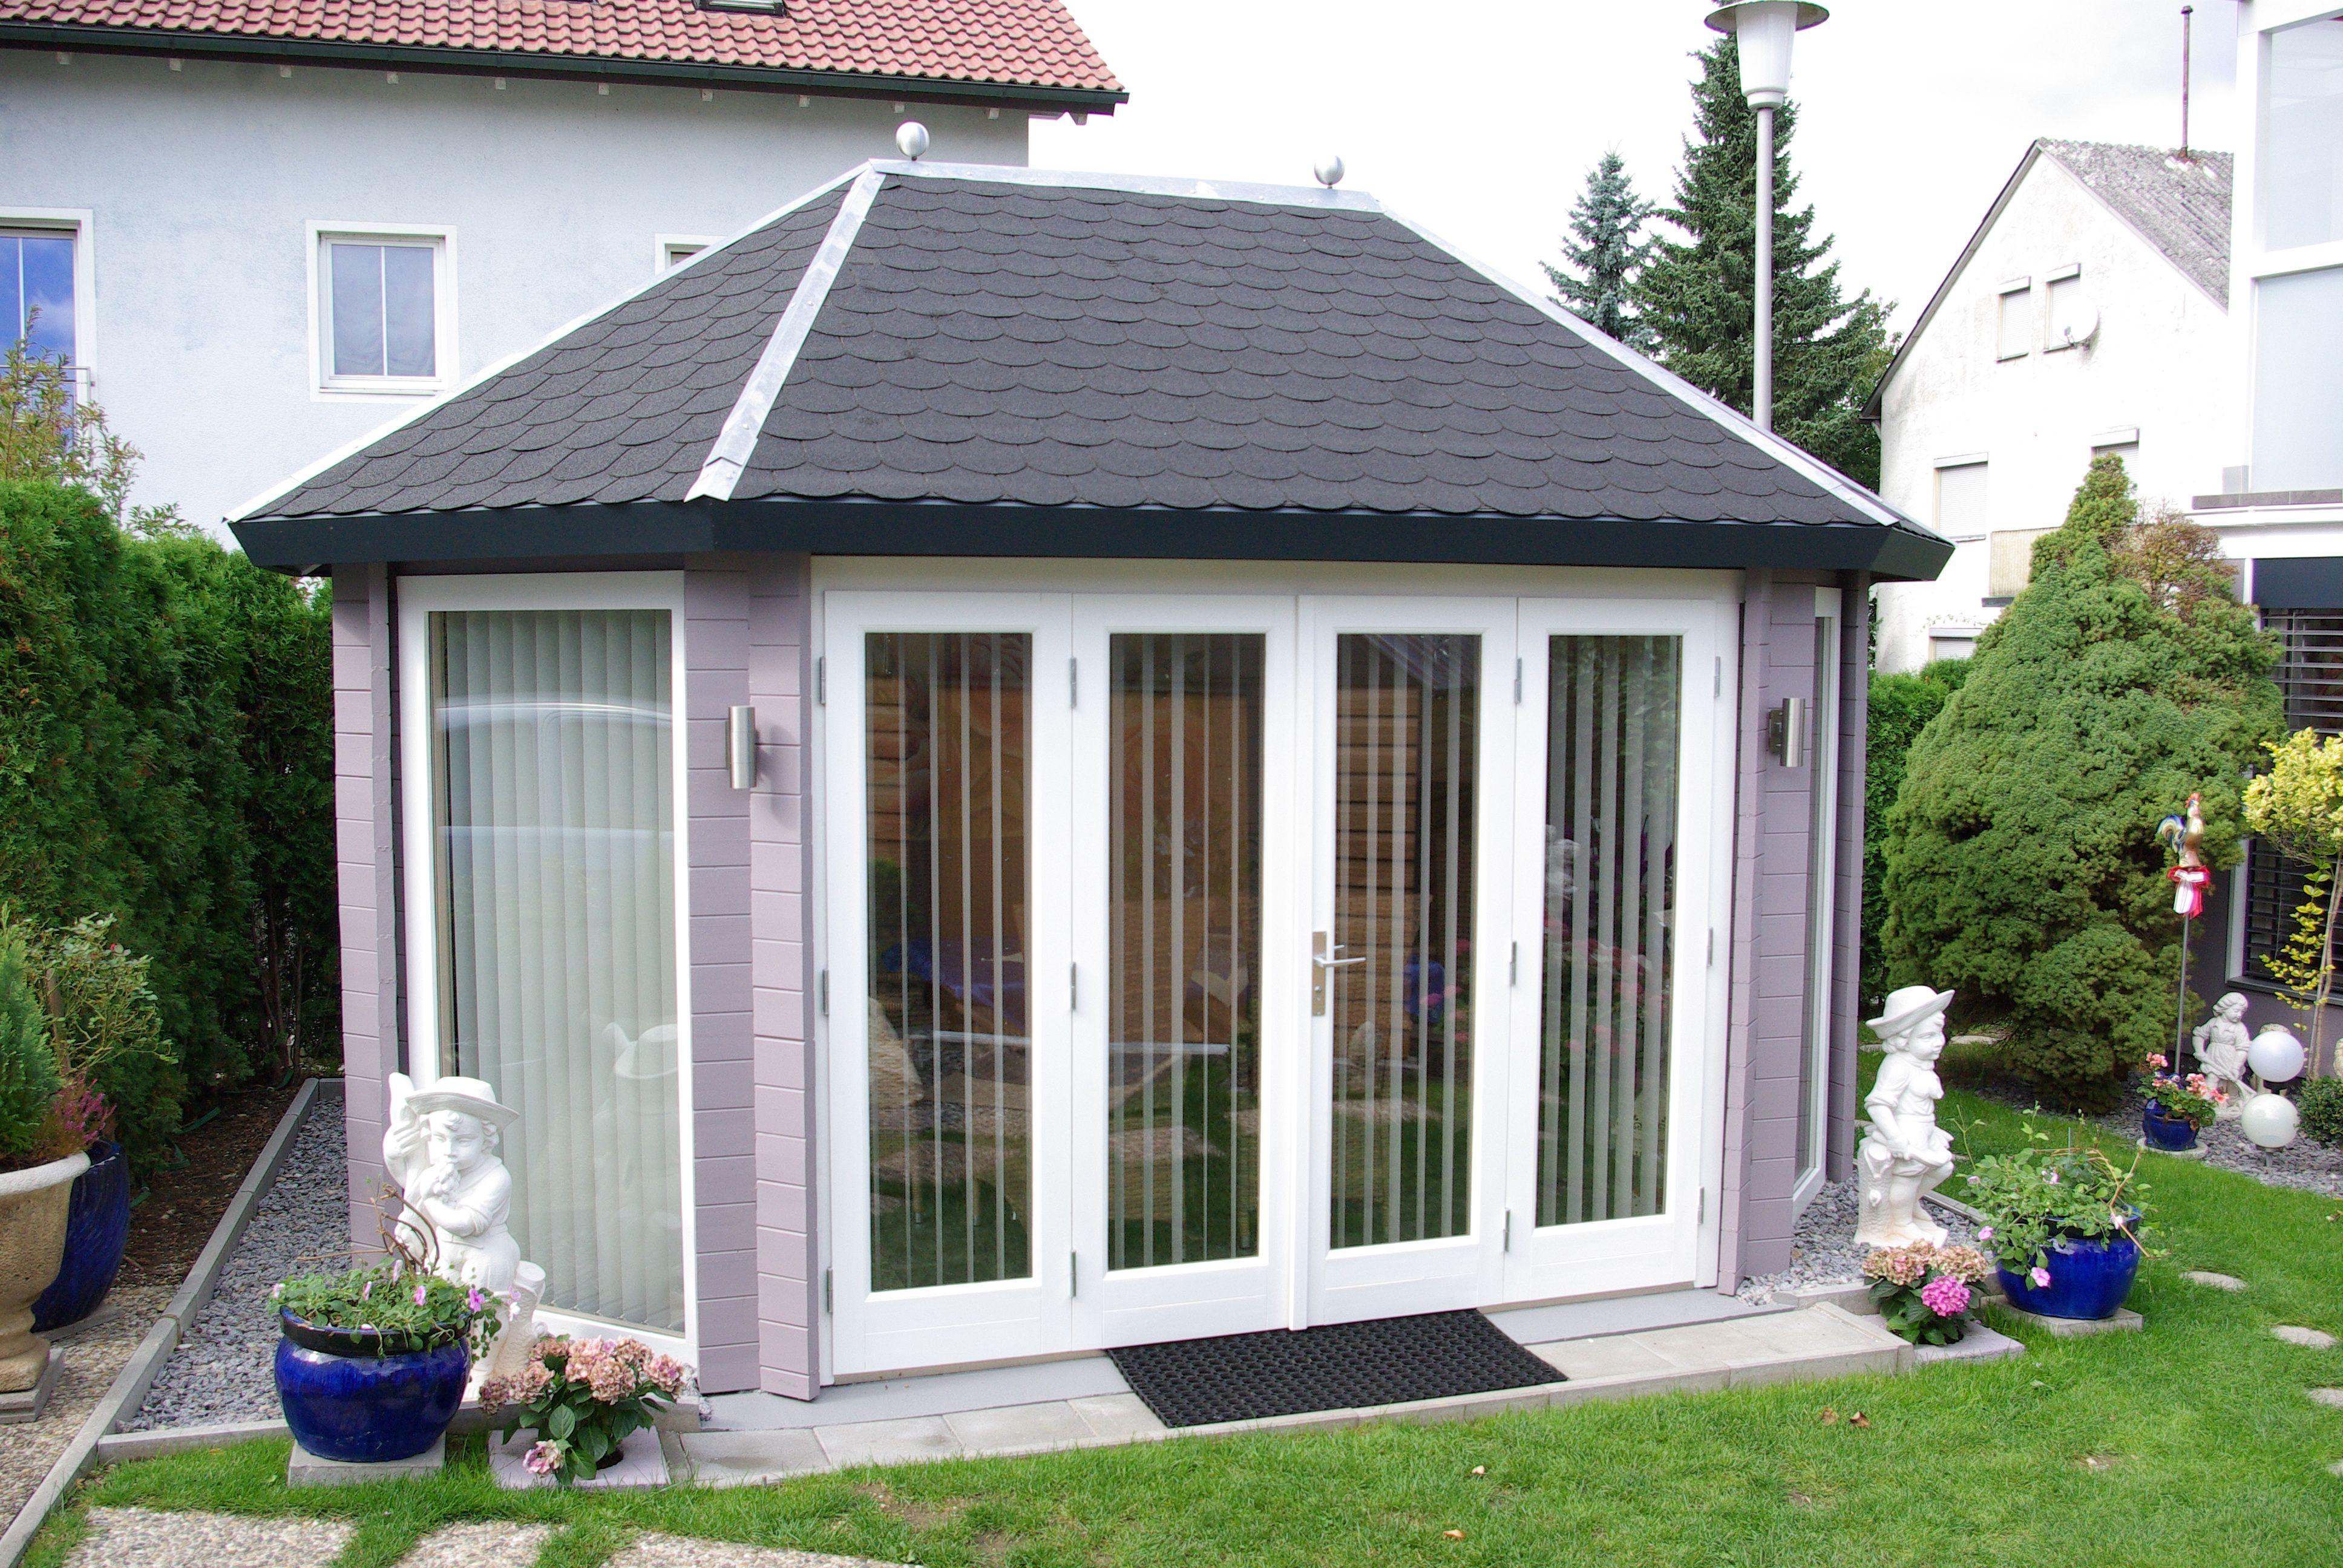 Gartenpavillon in Steingrau mit bodentiefen Fenstern. (mit